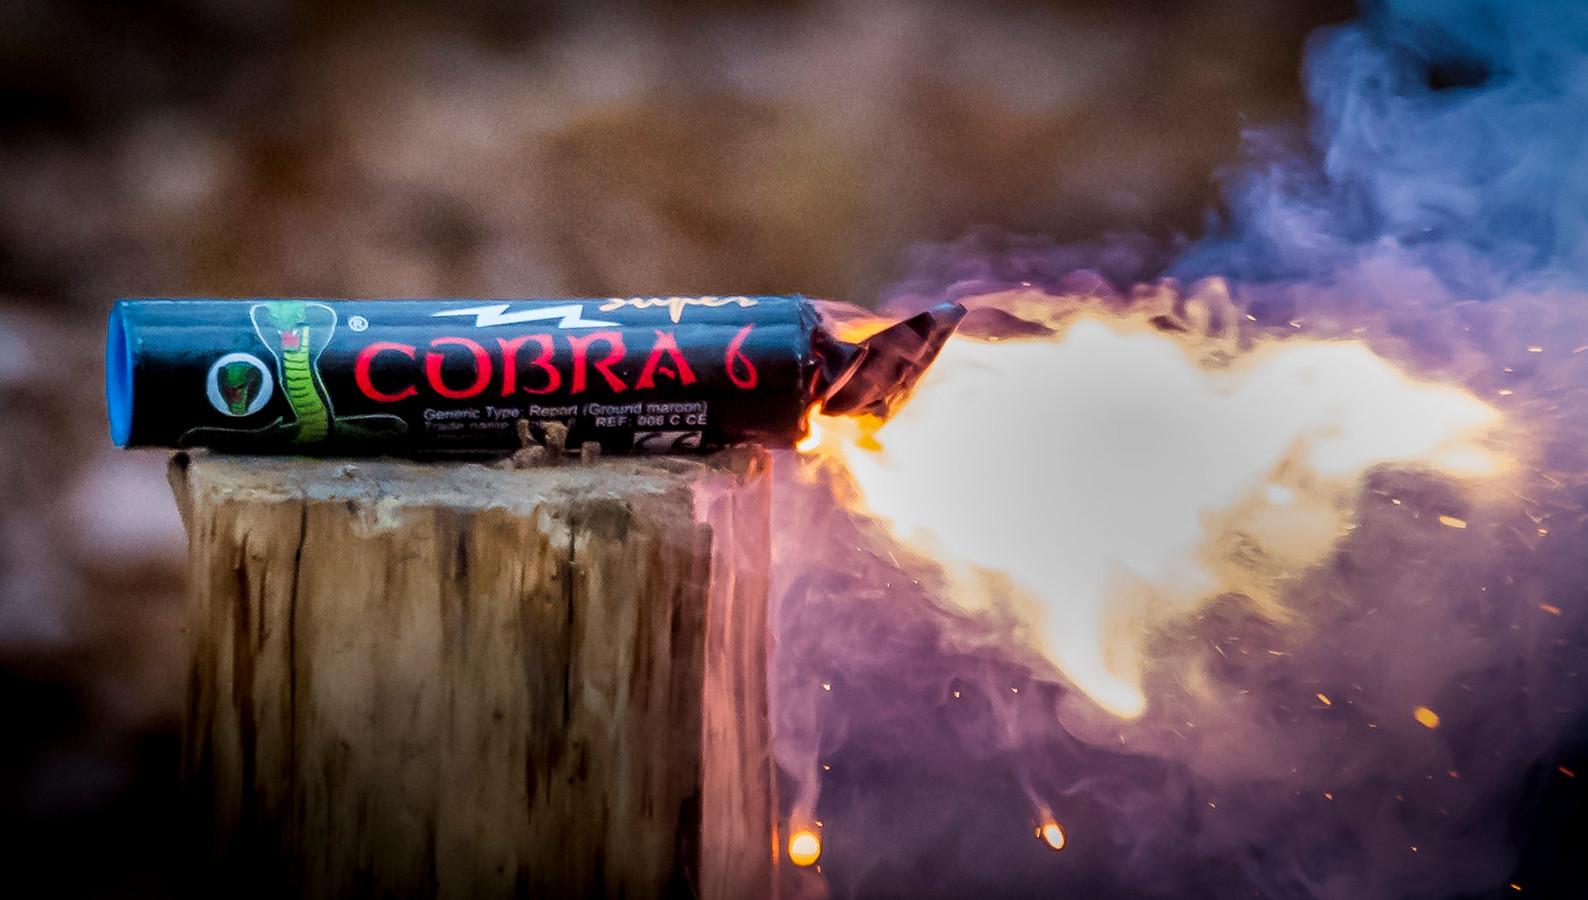 De Cobra 6. Dit type vuurwerk is verkrijgbaar in veel Europese landen, maar verboden (illegaal) in Nederland. Foto ter illustratie.